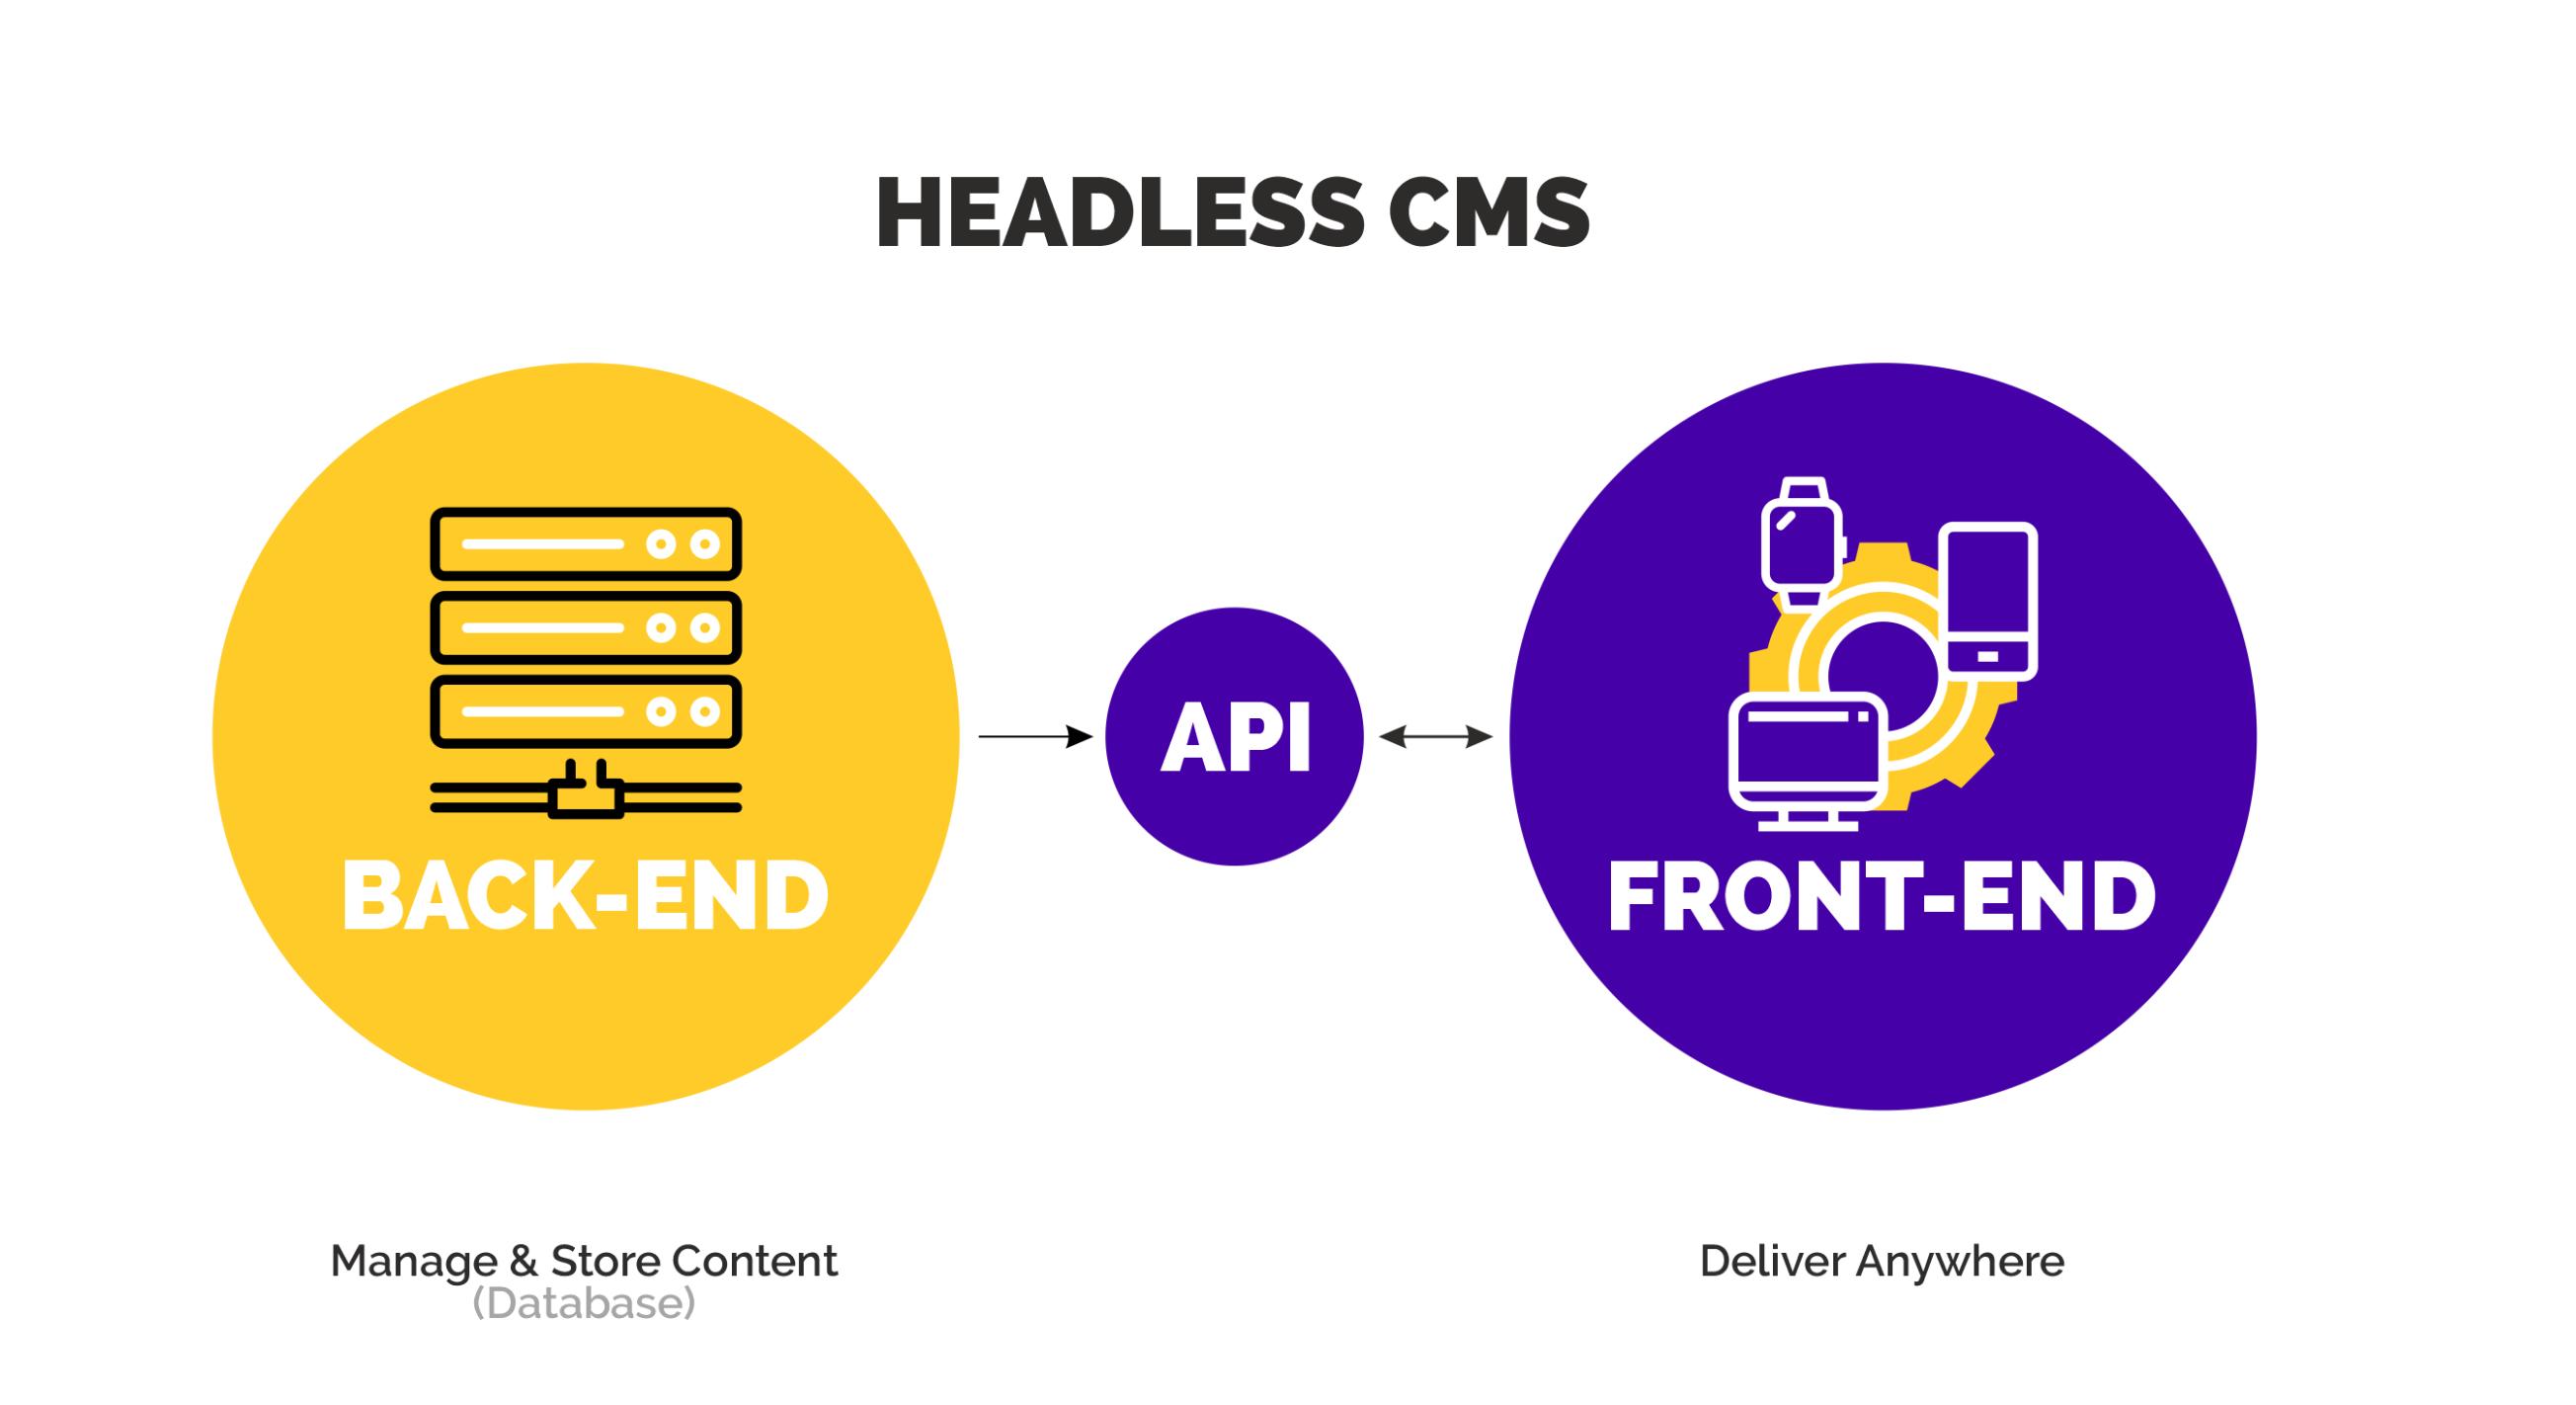 Graphic describing CMS on agilitycms.com